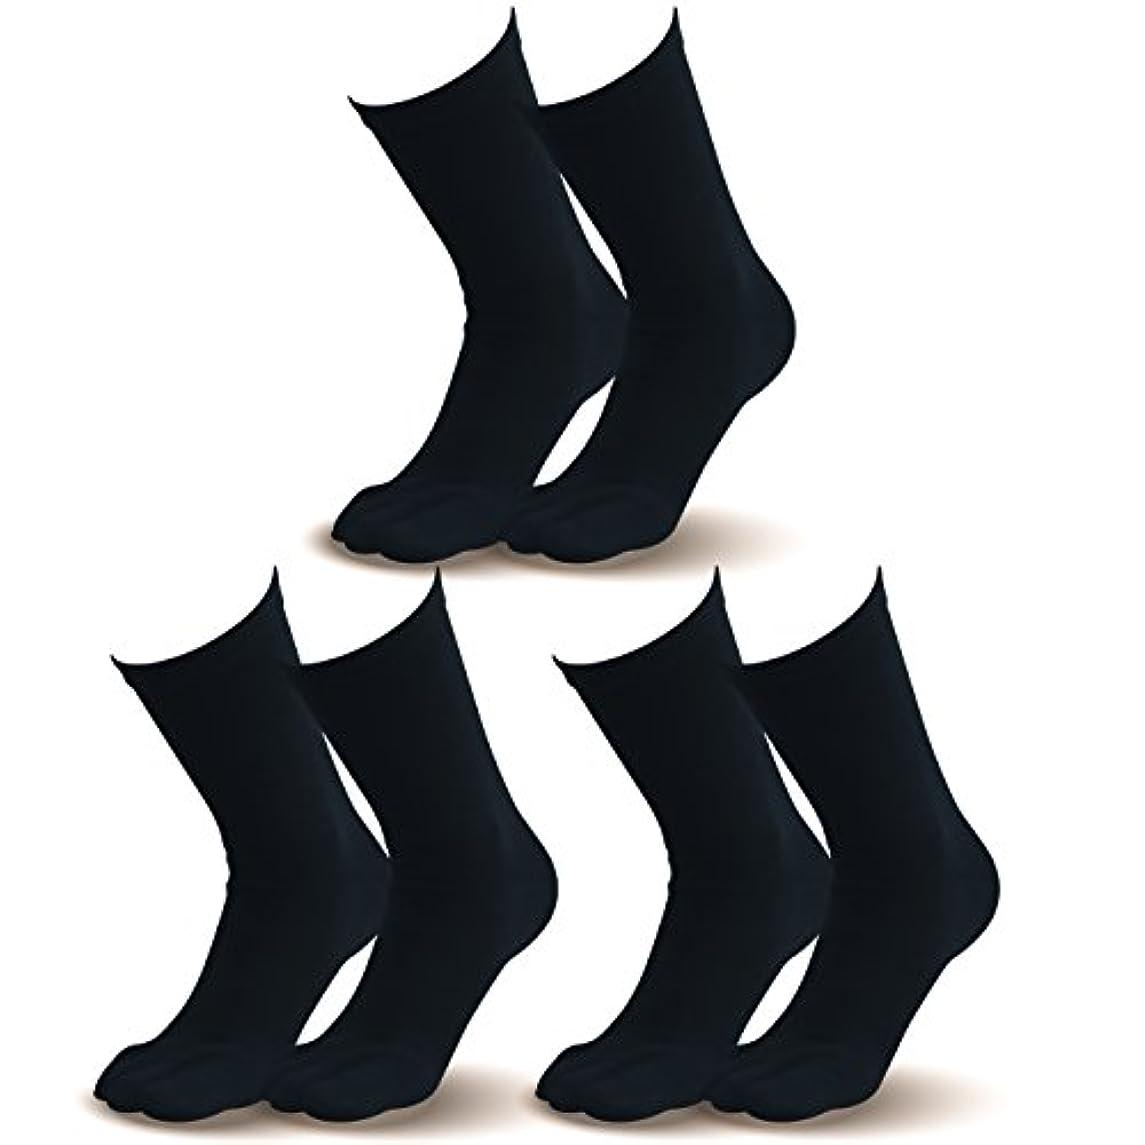 アルカイック少年ヒューム【指先まであったか靴下】とってもお得な ブラック3足組  温かい 暖かい 遠赤外線加工 セラミック 伸びる 外反母趾対策 健康 5本指ソックス